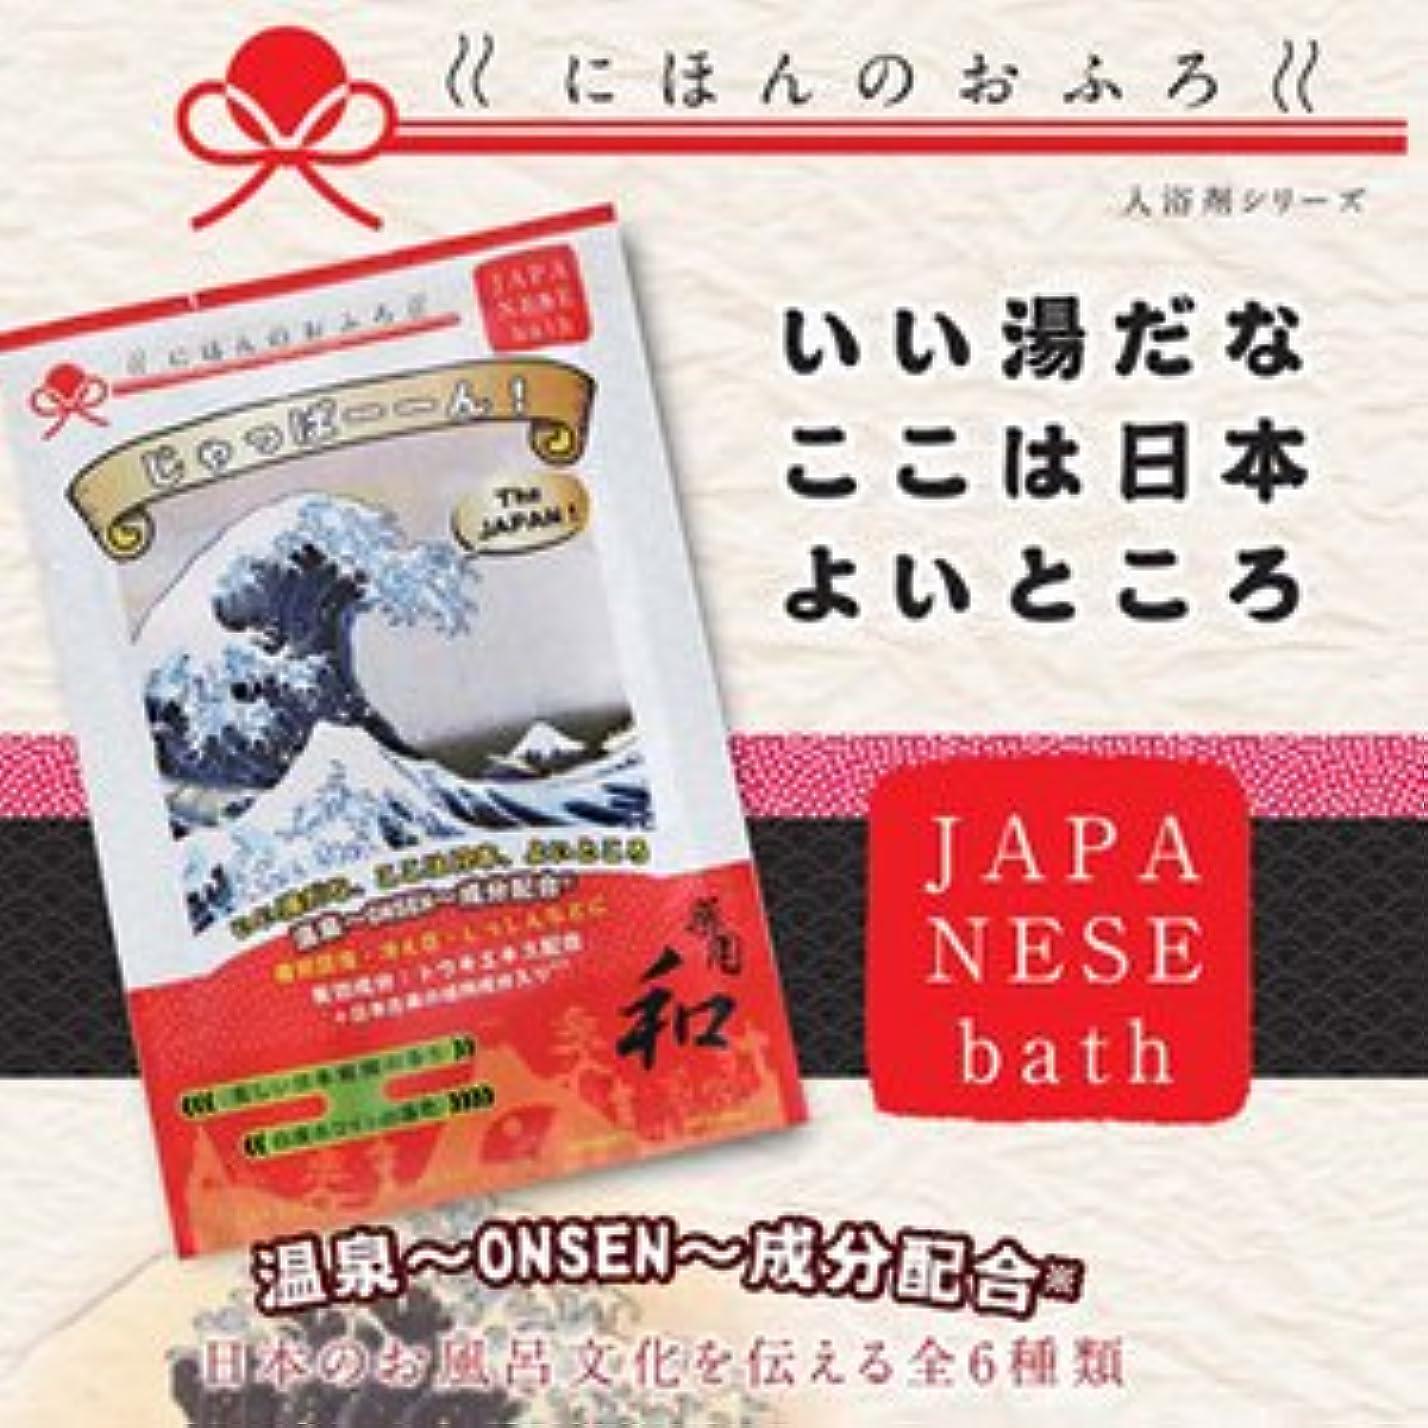 先祖メジャーメドレー日本のお風呂 全部ためせる6種類セット 入浴剤 福袋/入浴剤福袋